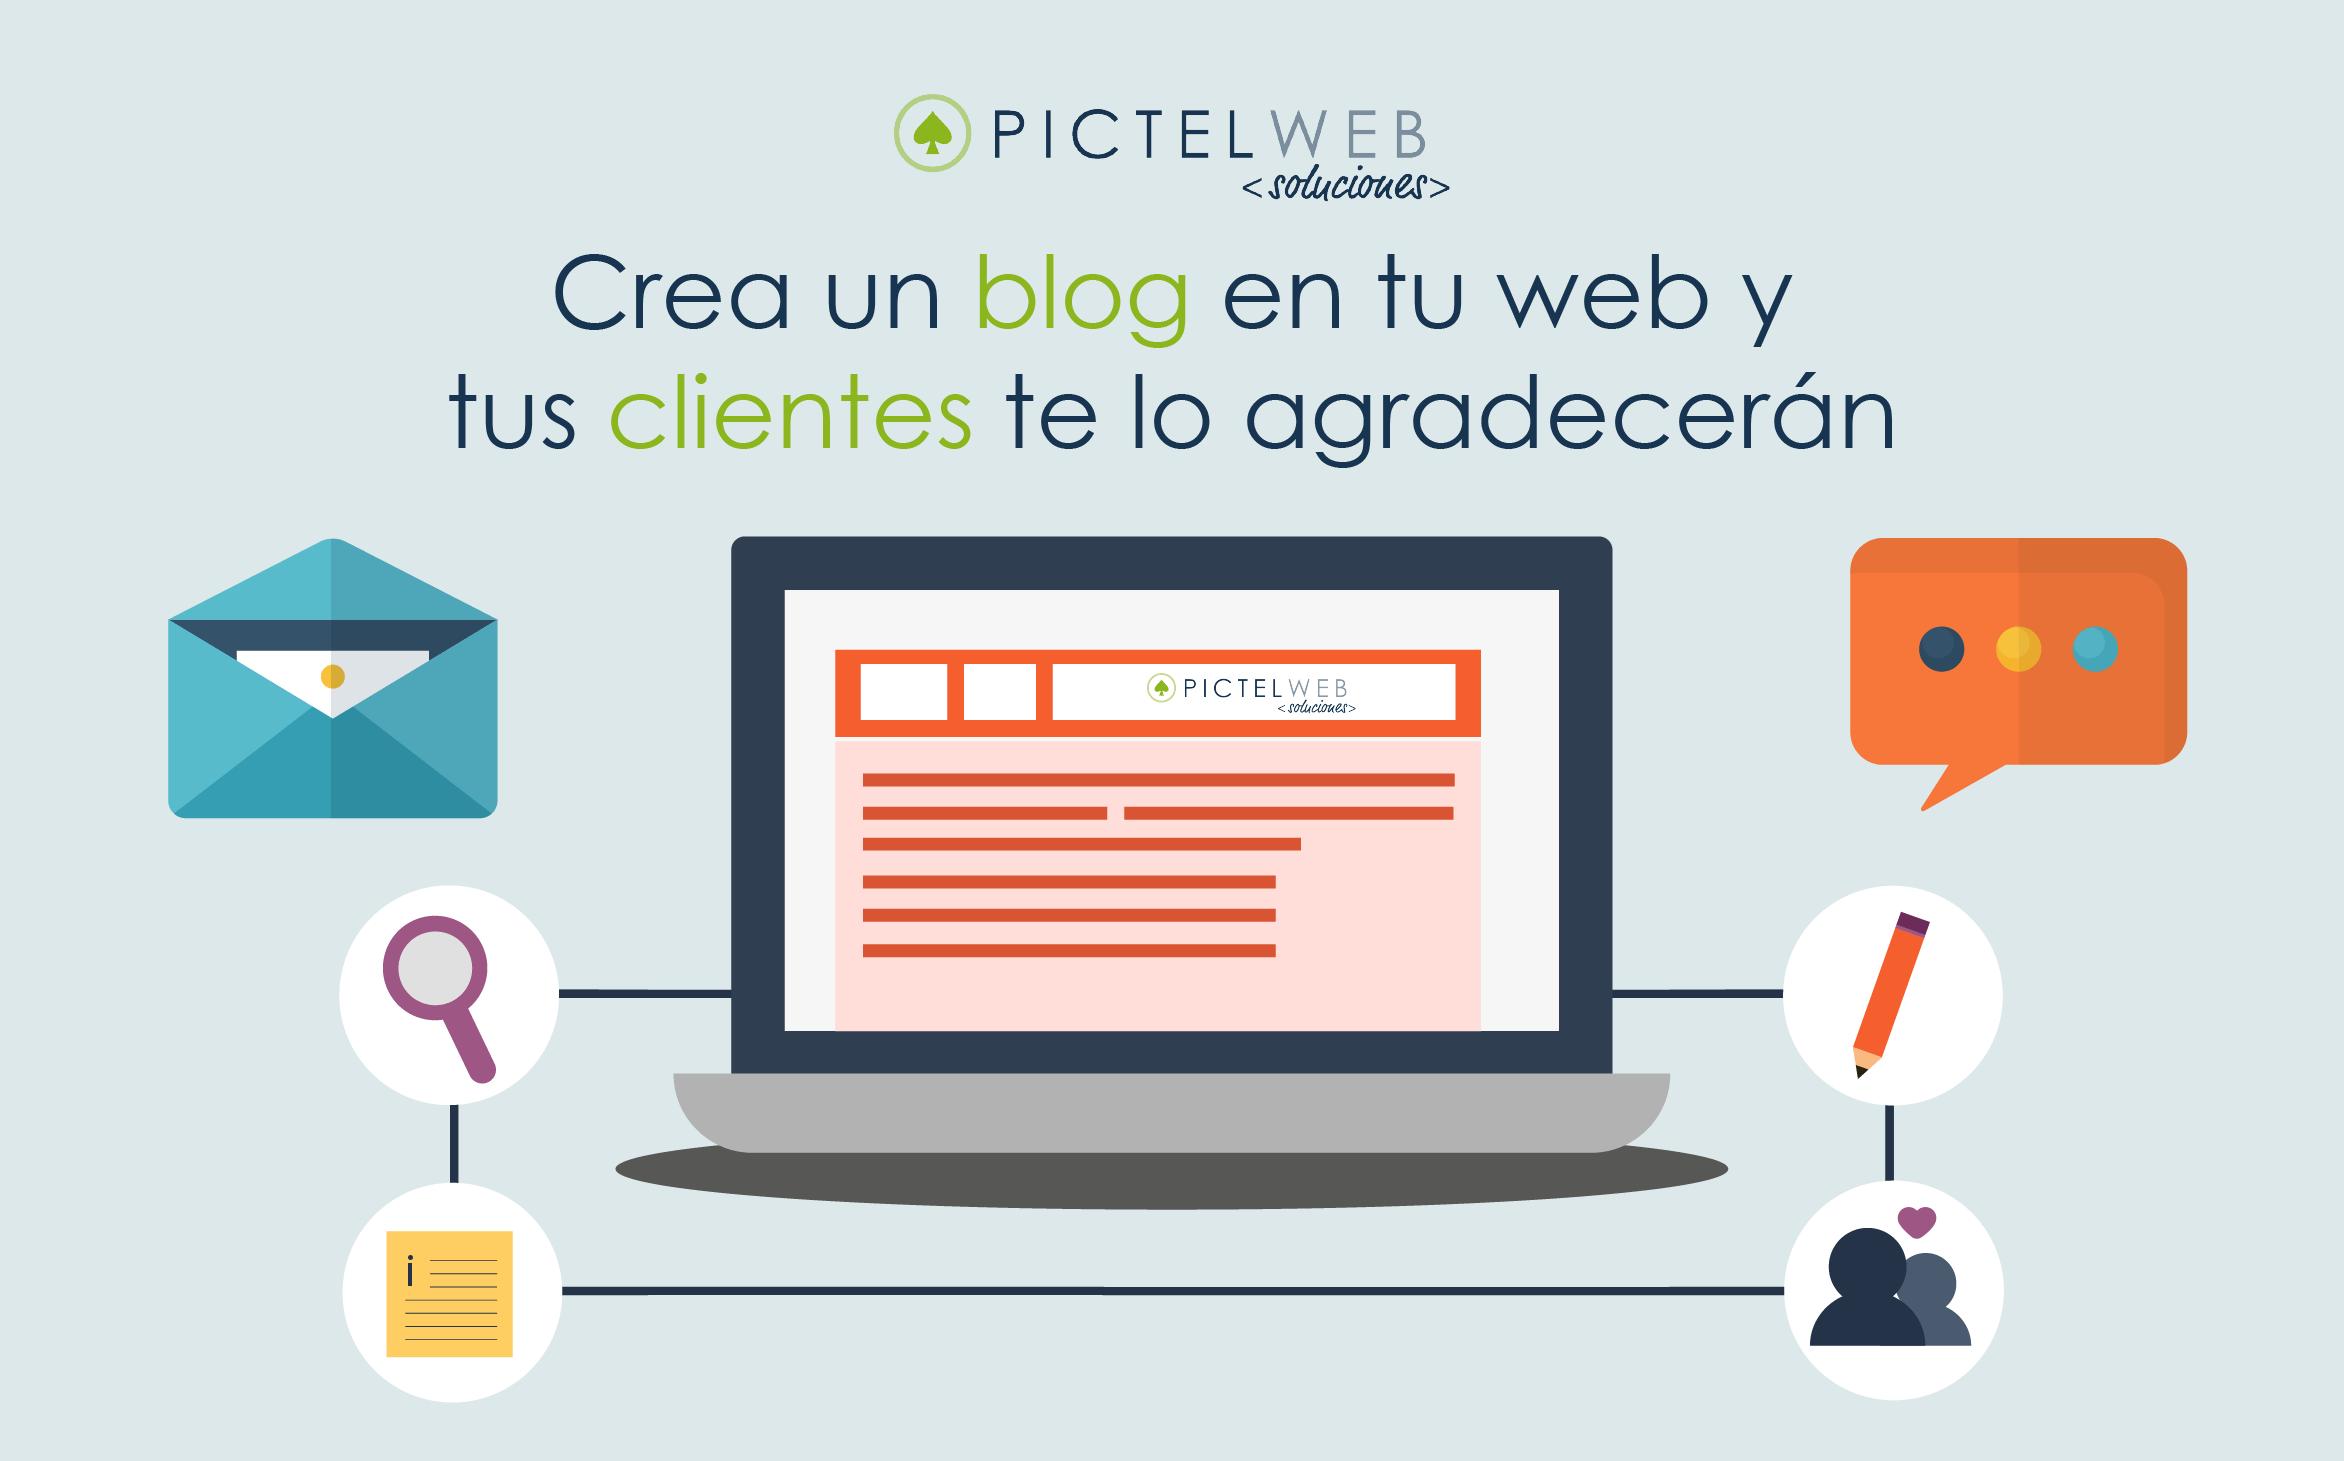 Crea un blog en tu web y tus clientes te lo agradecerán